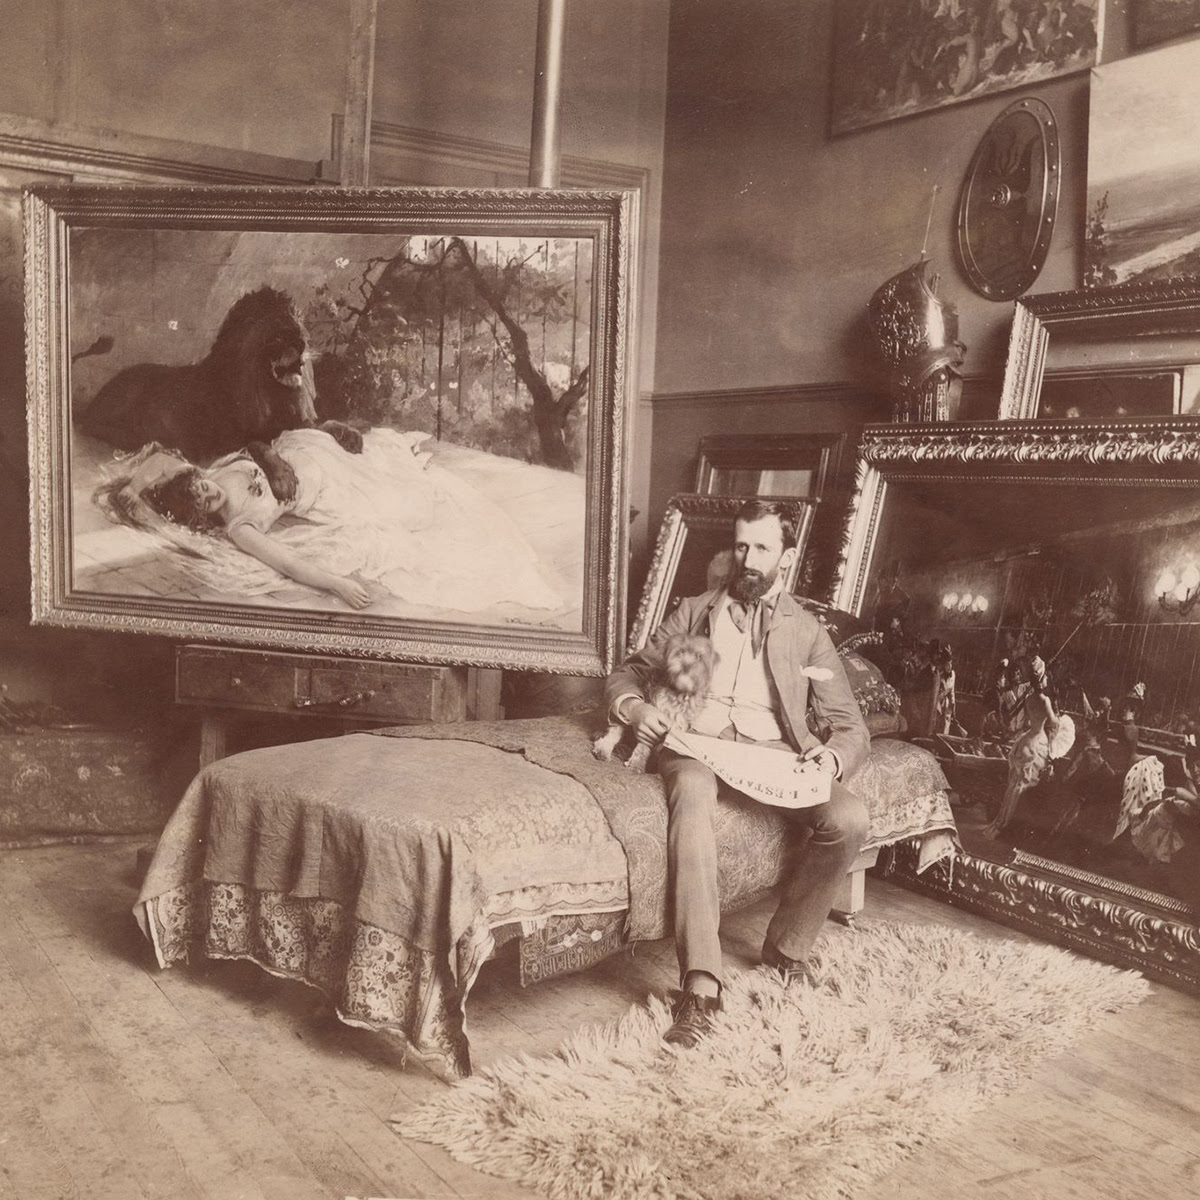 Photograph of Gustave Wertheimer